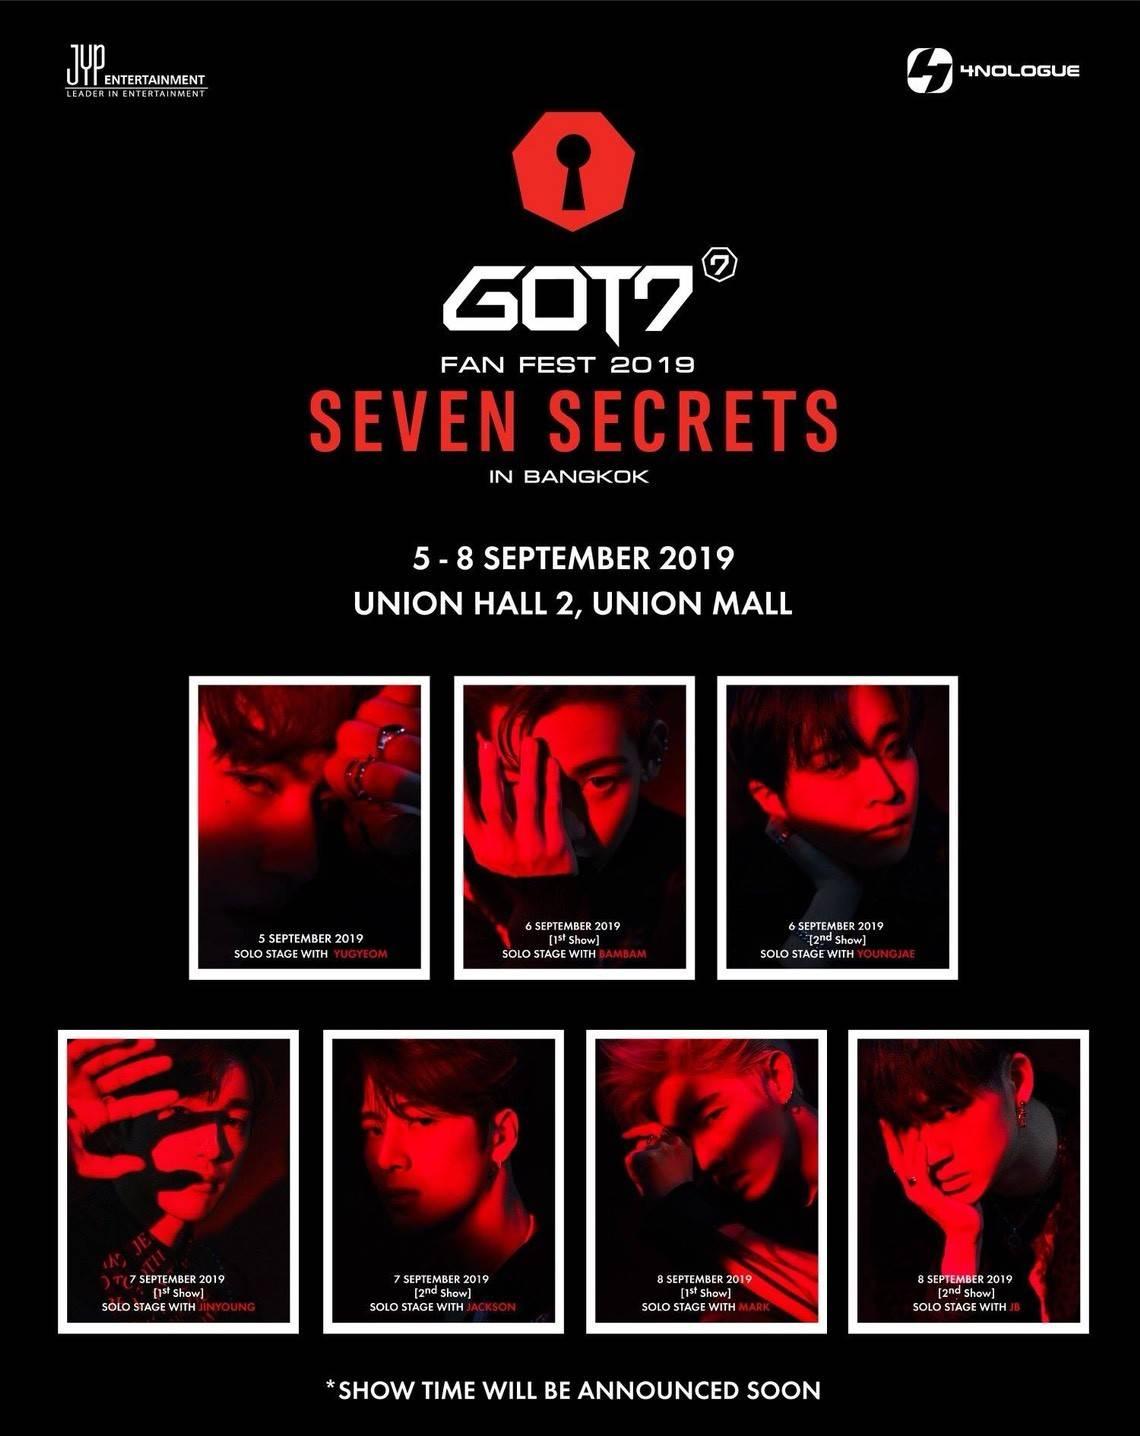 แนะวางแผนการเดินทาง จัดคอนเสิร์ต GOT7 Fan Fest 2019 ที่ ยูเนี่ยน มอลล์